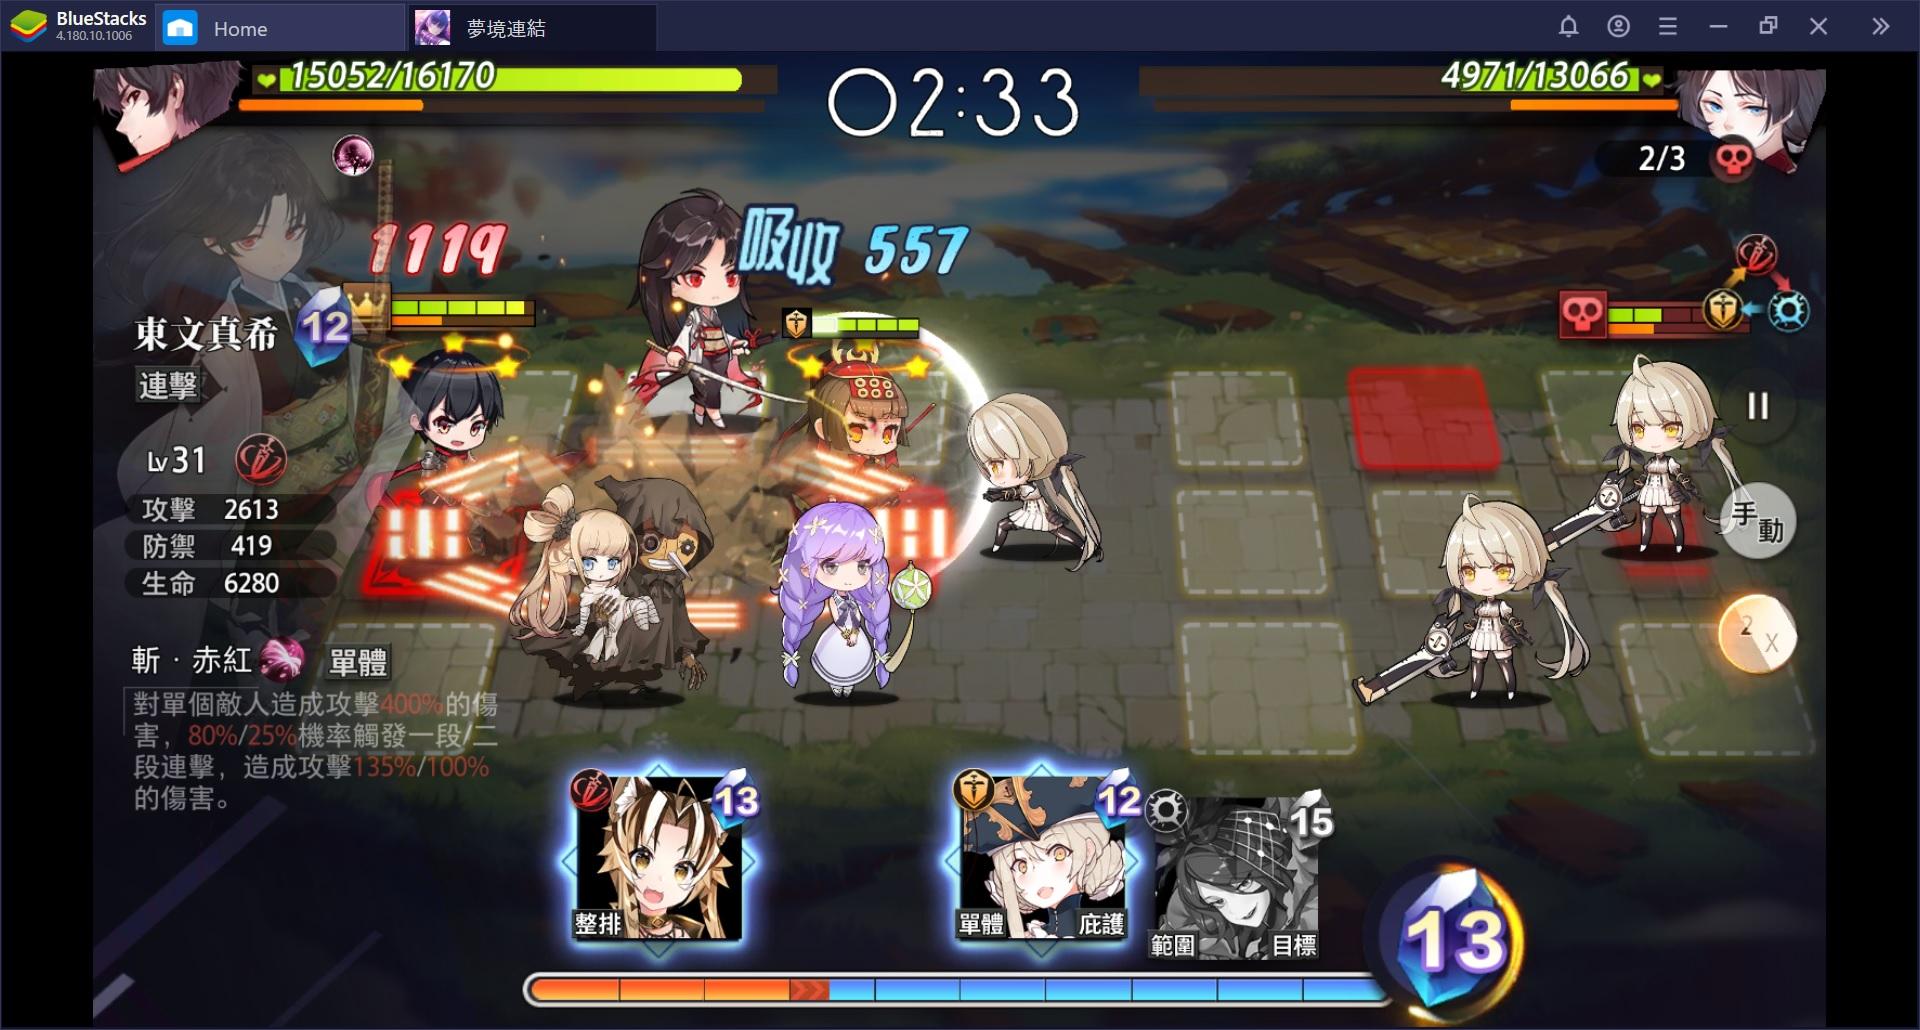 使用BlueStacks在電腦上體驗卡牌戰鬥 RPG《夢境連結!Re:Connected》